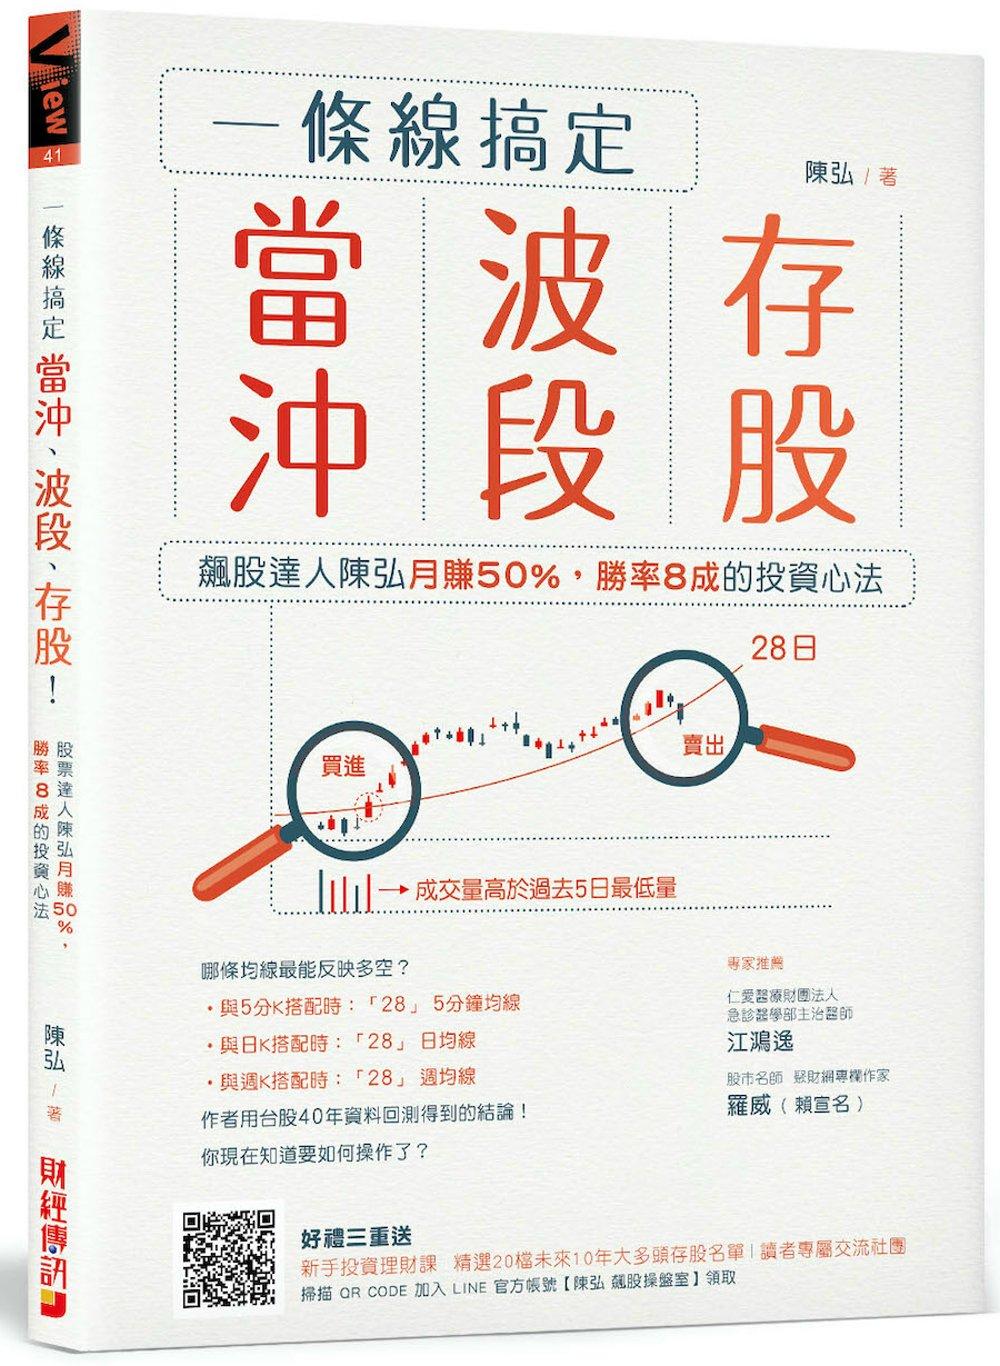 一條線搞定當沖、波段、存股!:飆股達人陳弘月賺50%,勝率8成的投資心法